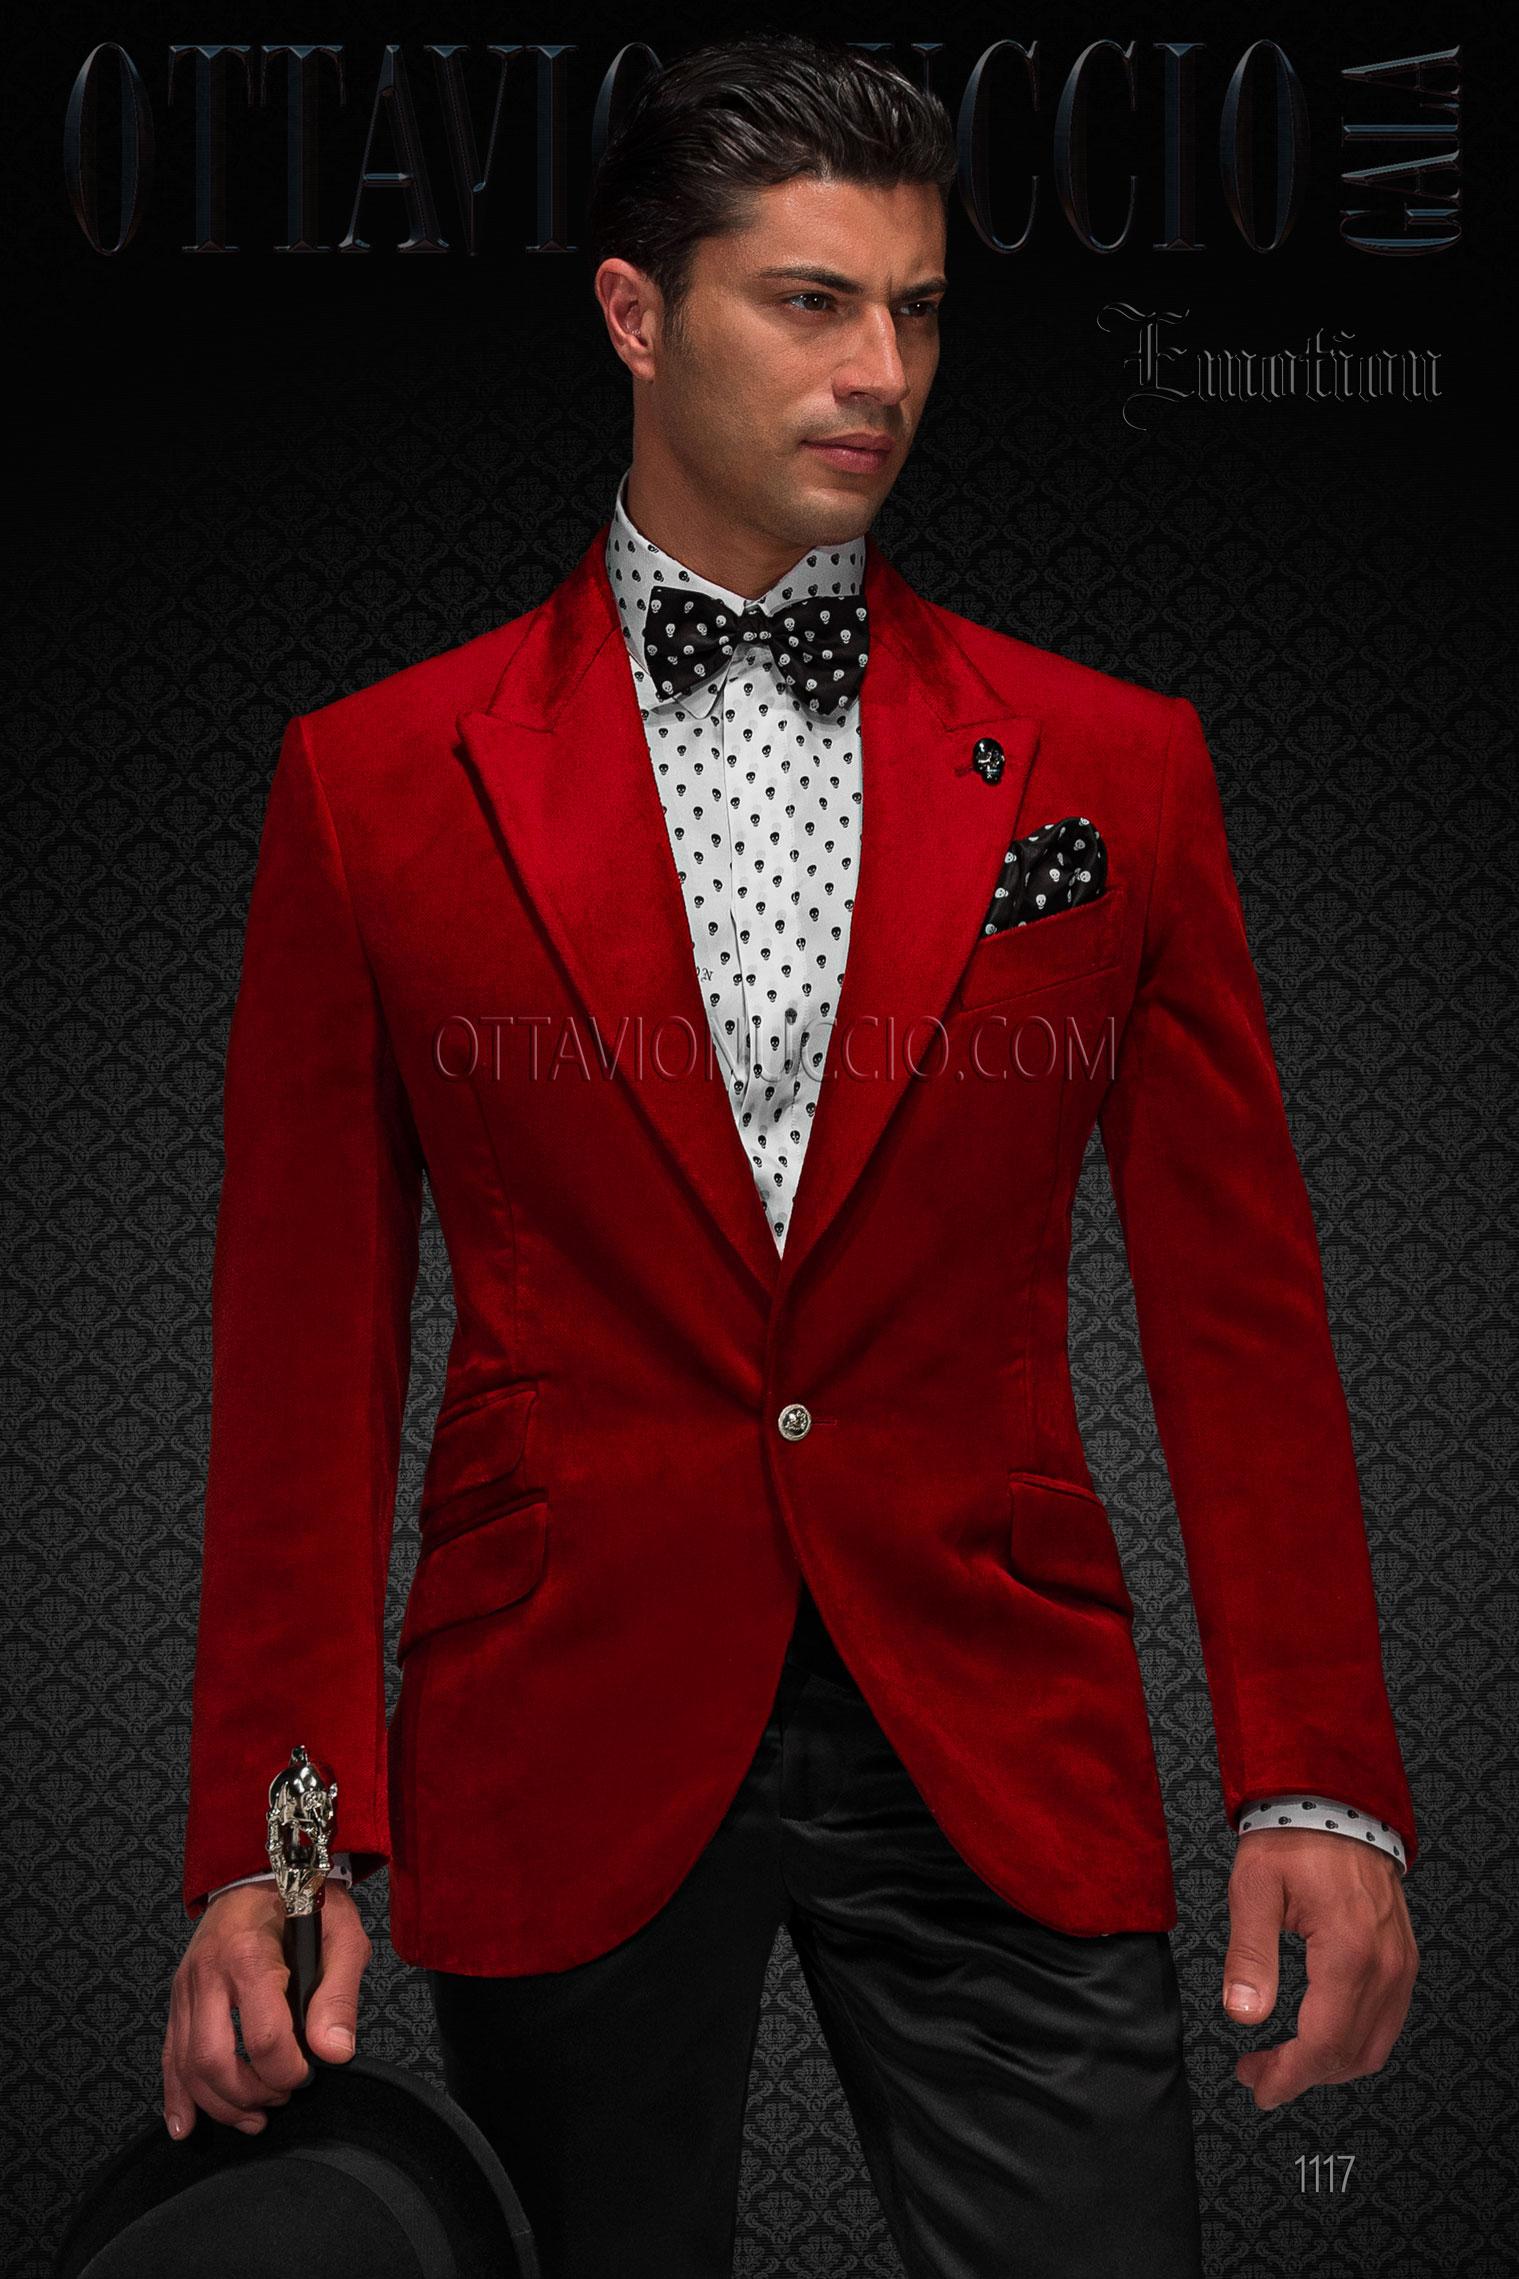 Abito Matrimonio Uomo Rosso : Abito da cerimonia uomo in raso rosso